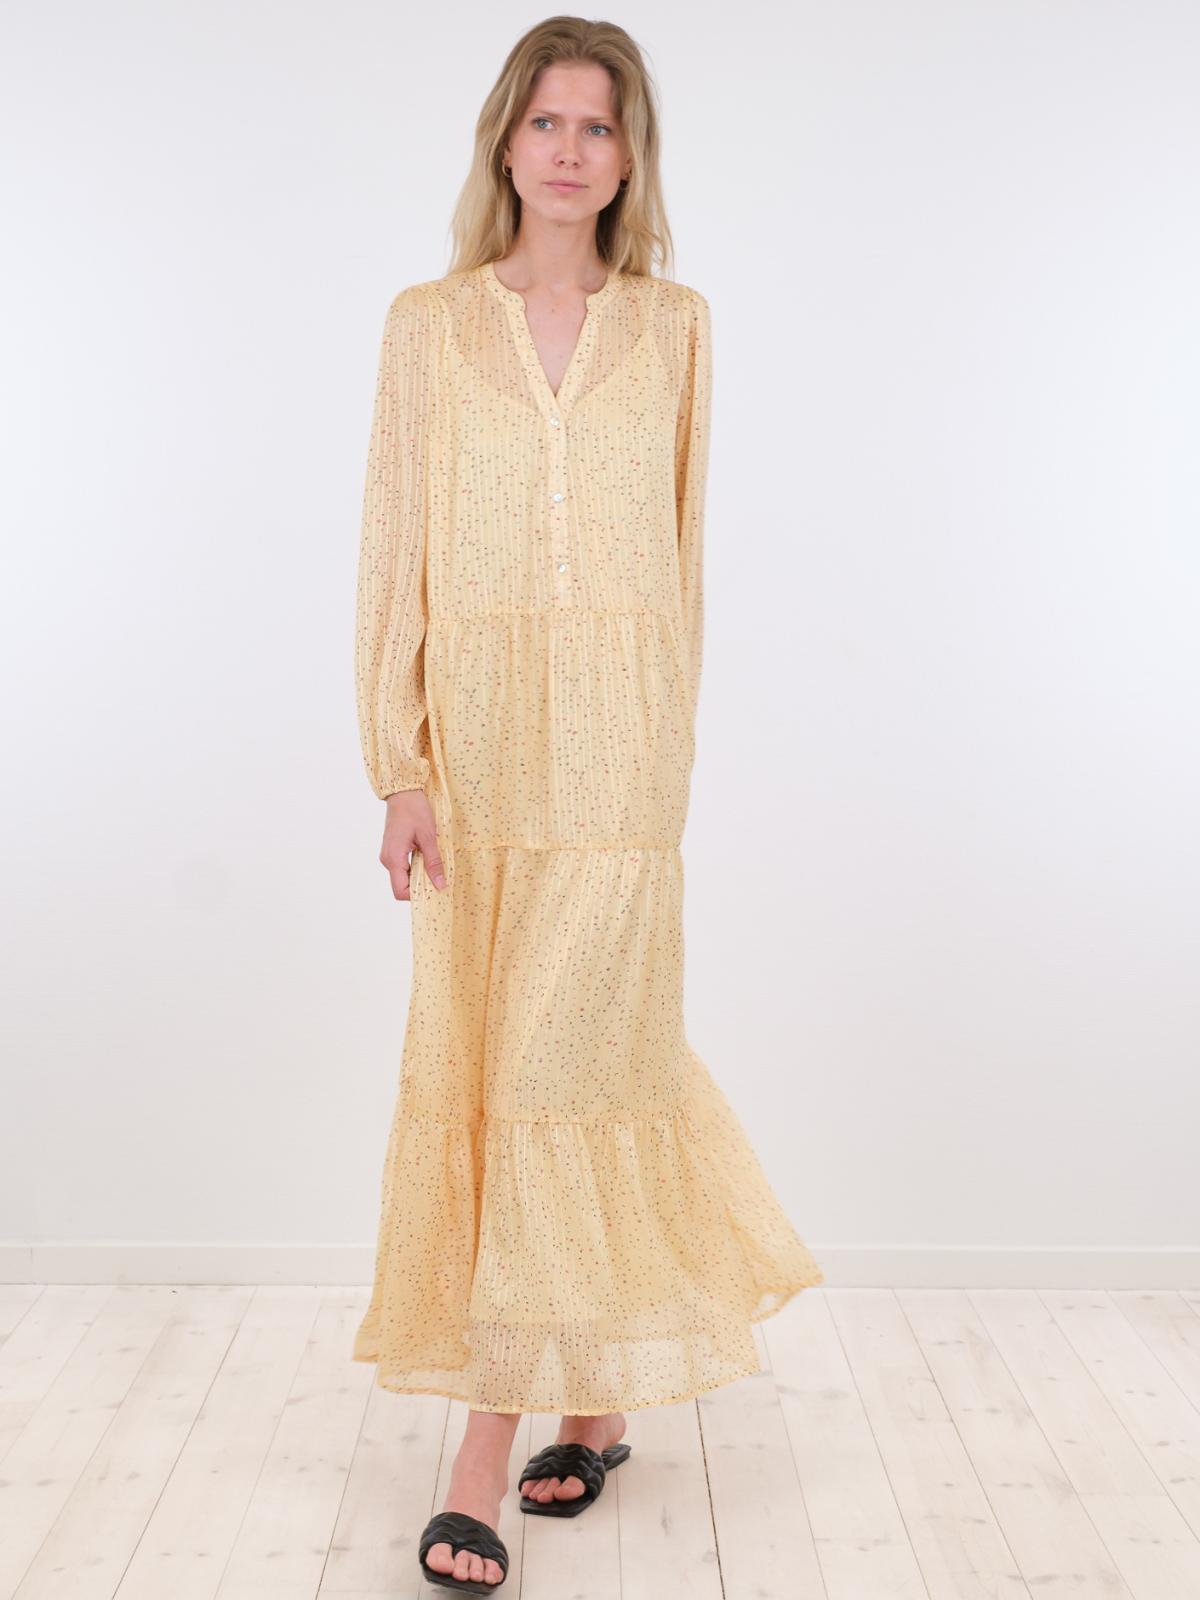 Neo Noir Nobis Sparkle kjole, yellow, 38